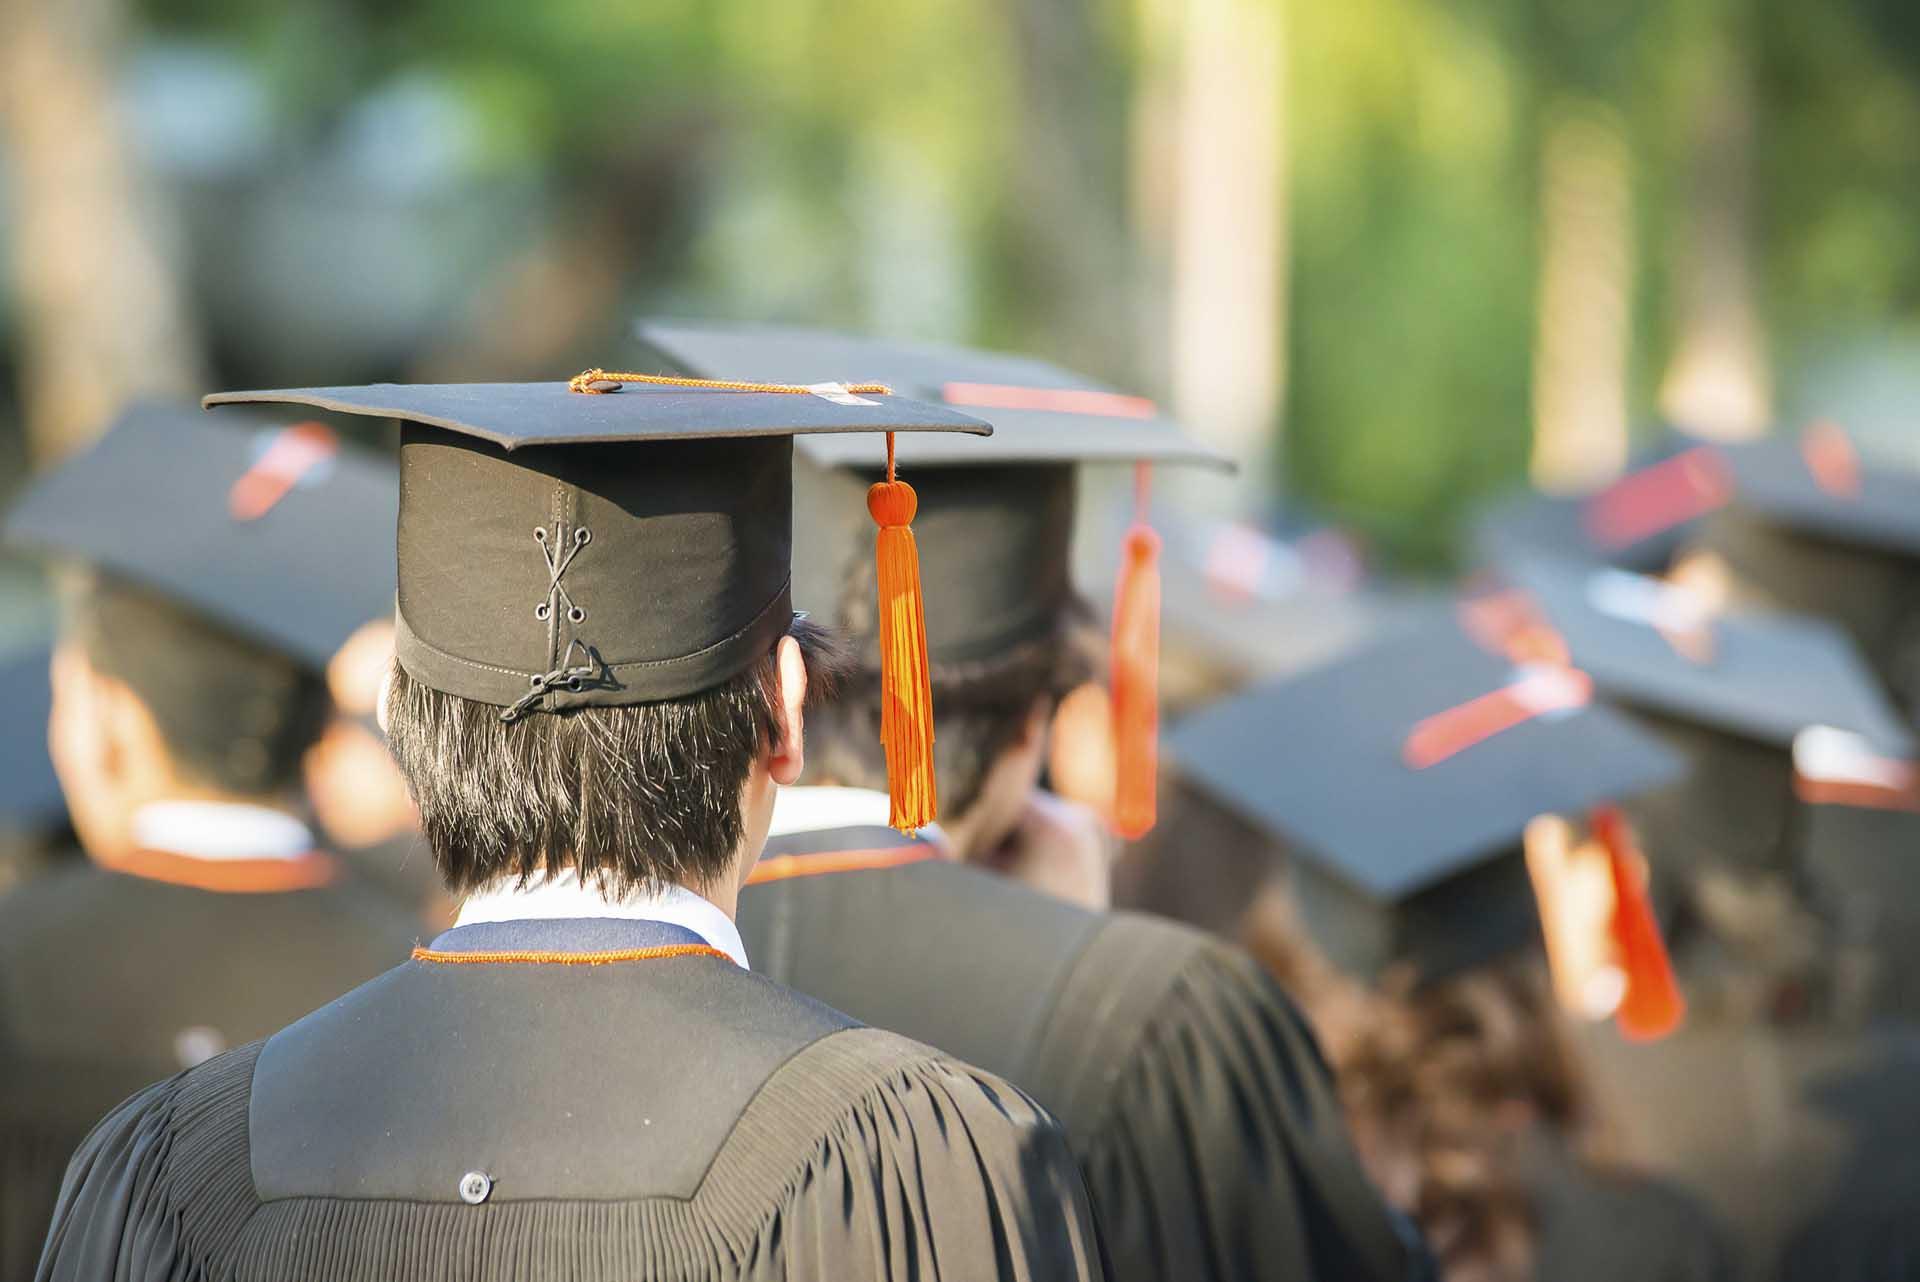 Best School Website Designs for Colleges and Universities